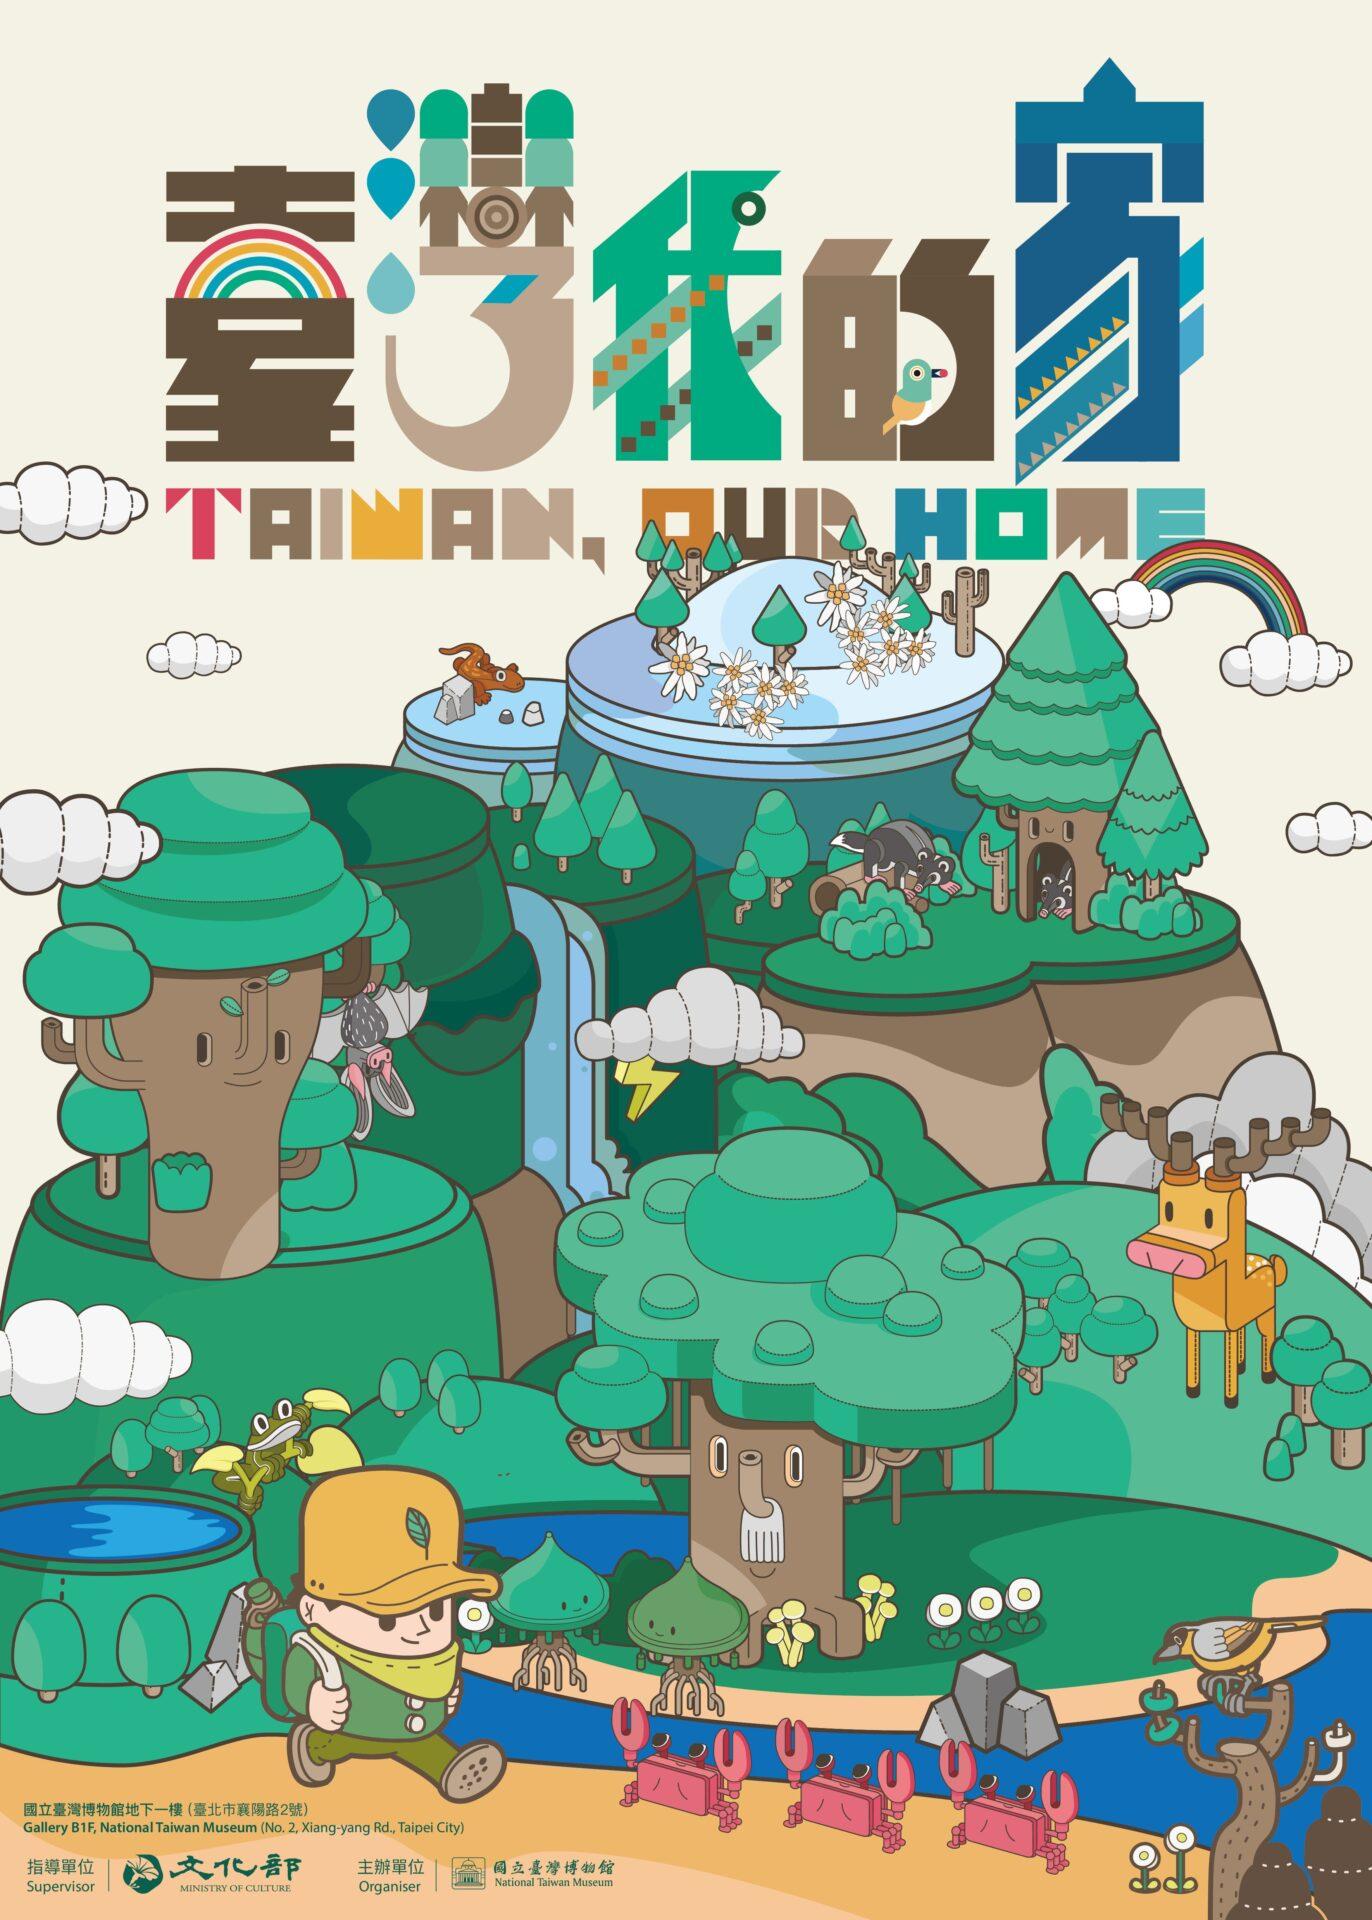 國立臺灣博物館:即日起~【「臺灣.我的家」兒童探索展】